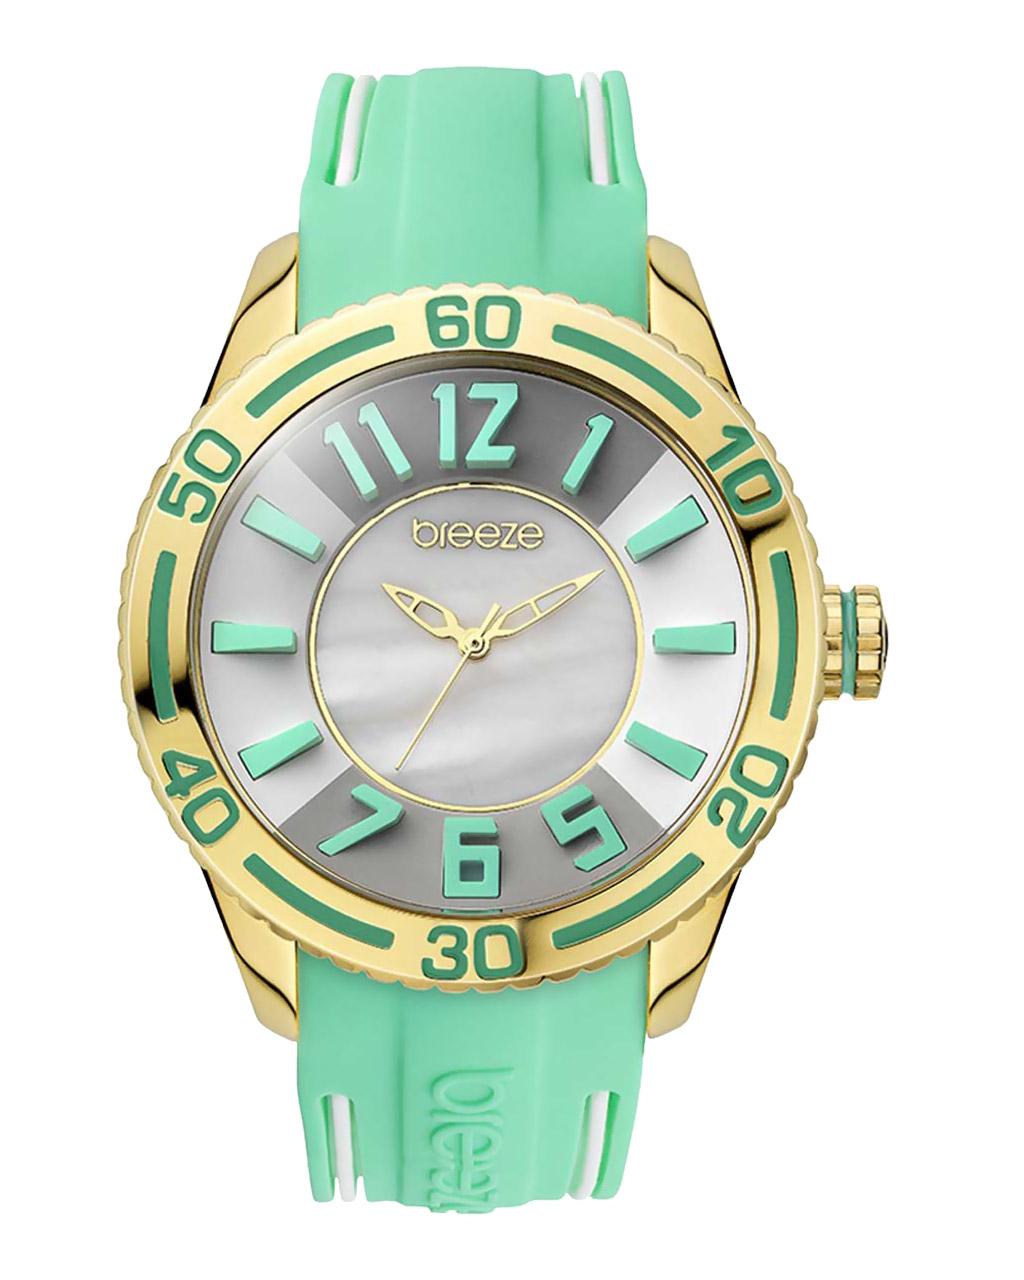 Ρολόι BREEZE 110191.2   προσφορεσ ρολόγια ρολόγια έως 100ε